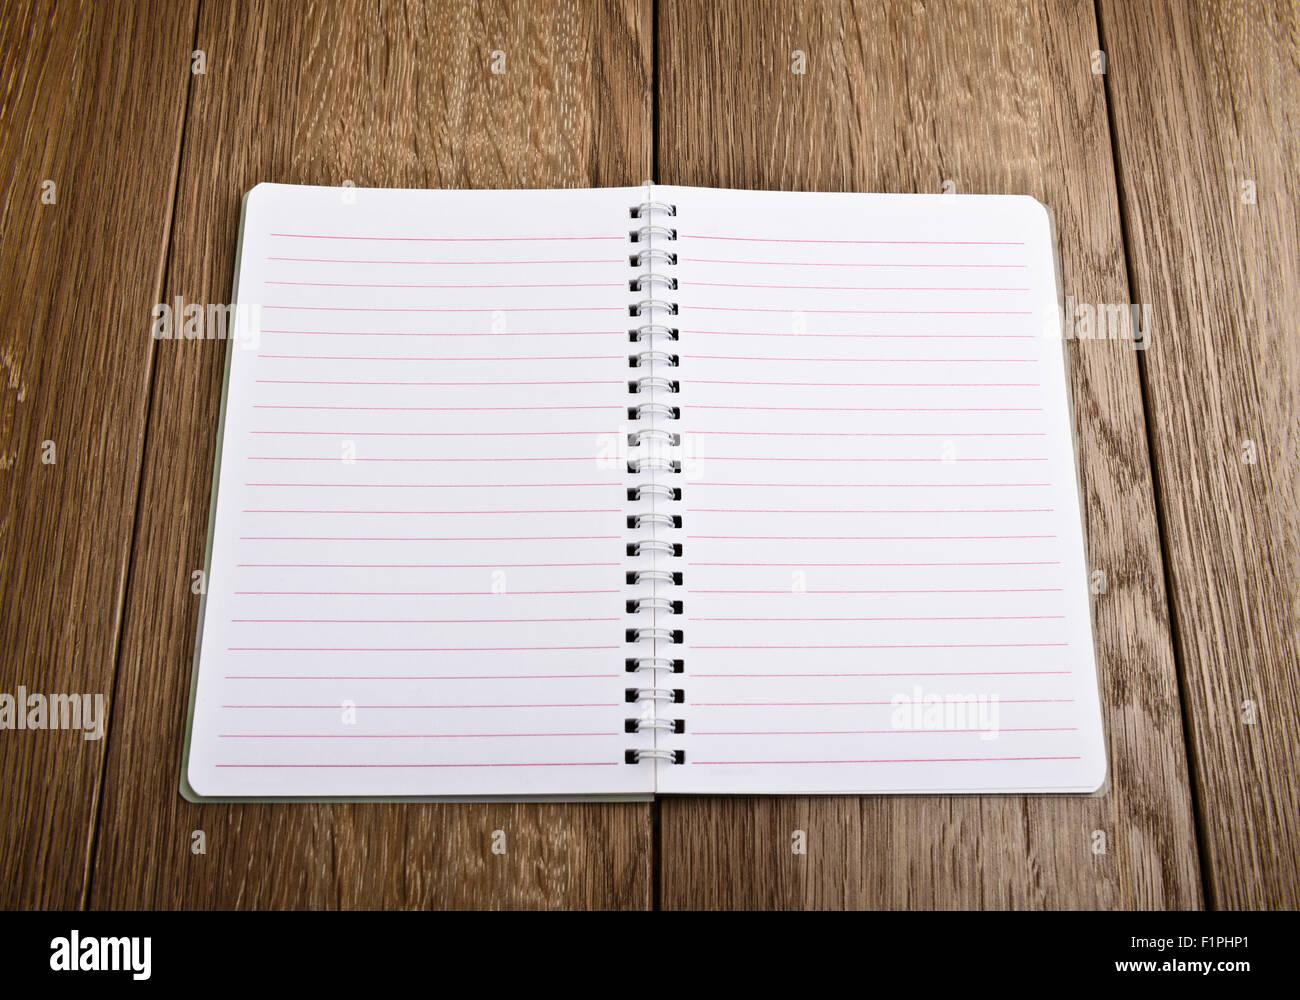 Feuilles de carnet. Page blanche sur fond de bois Photo Stock